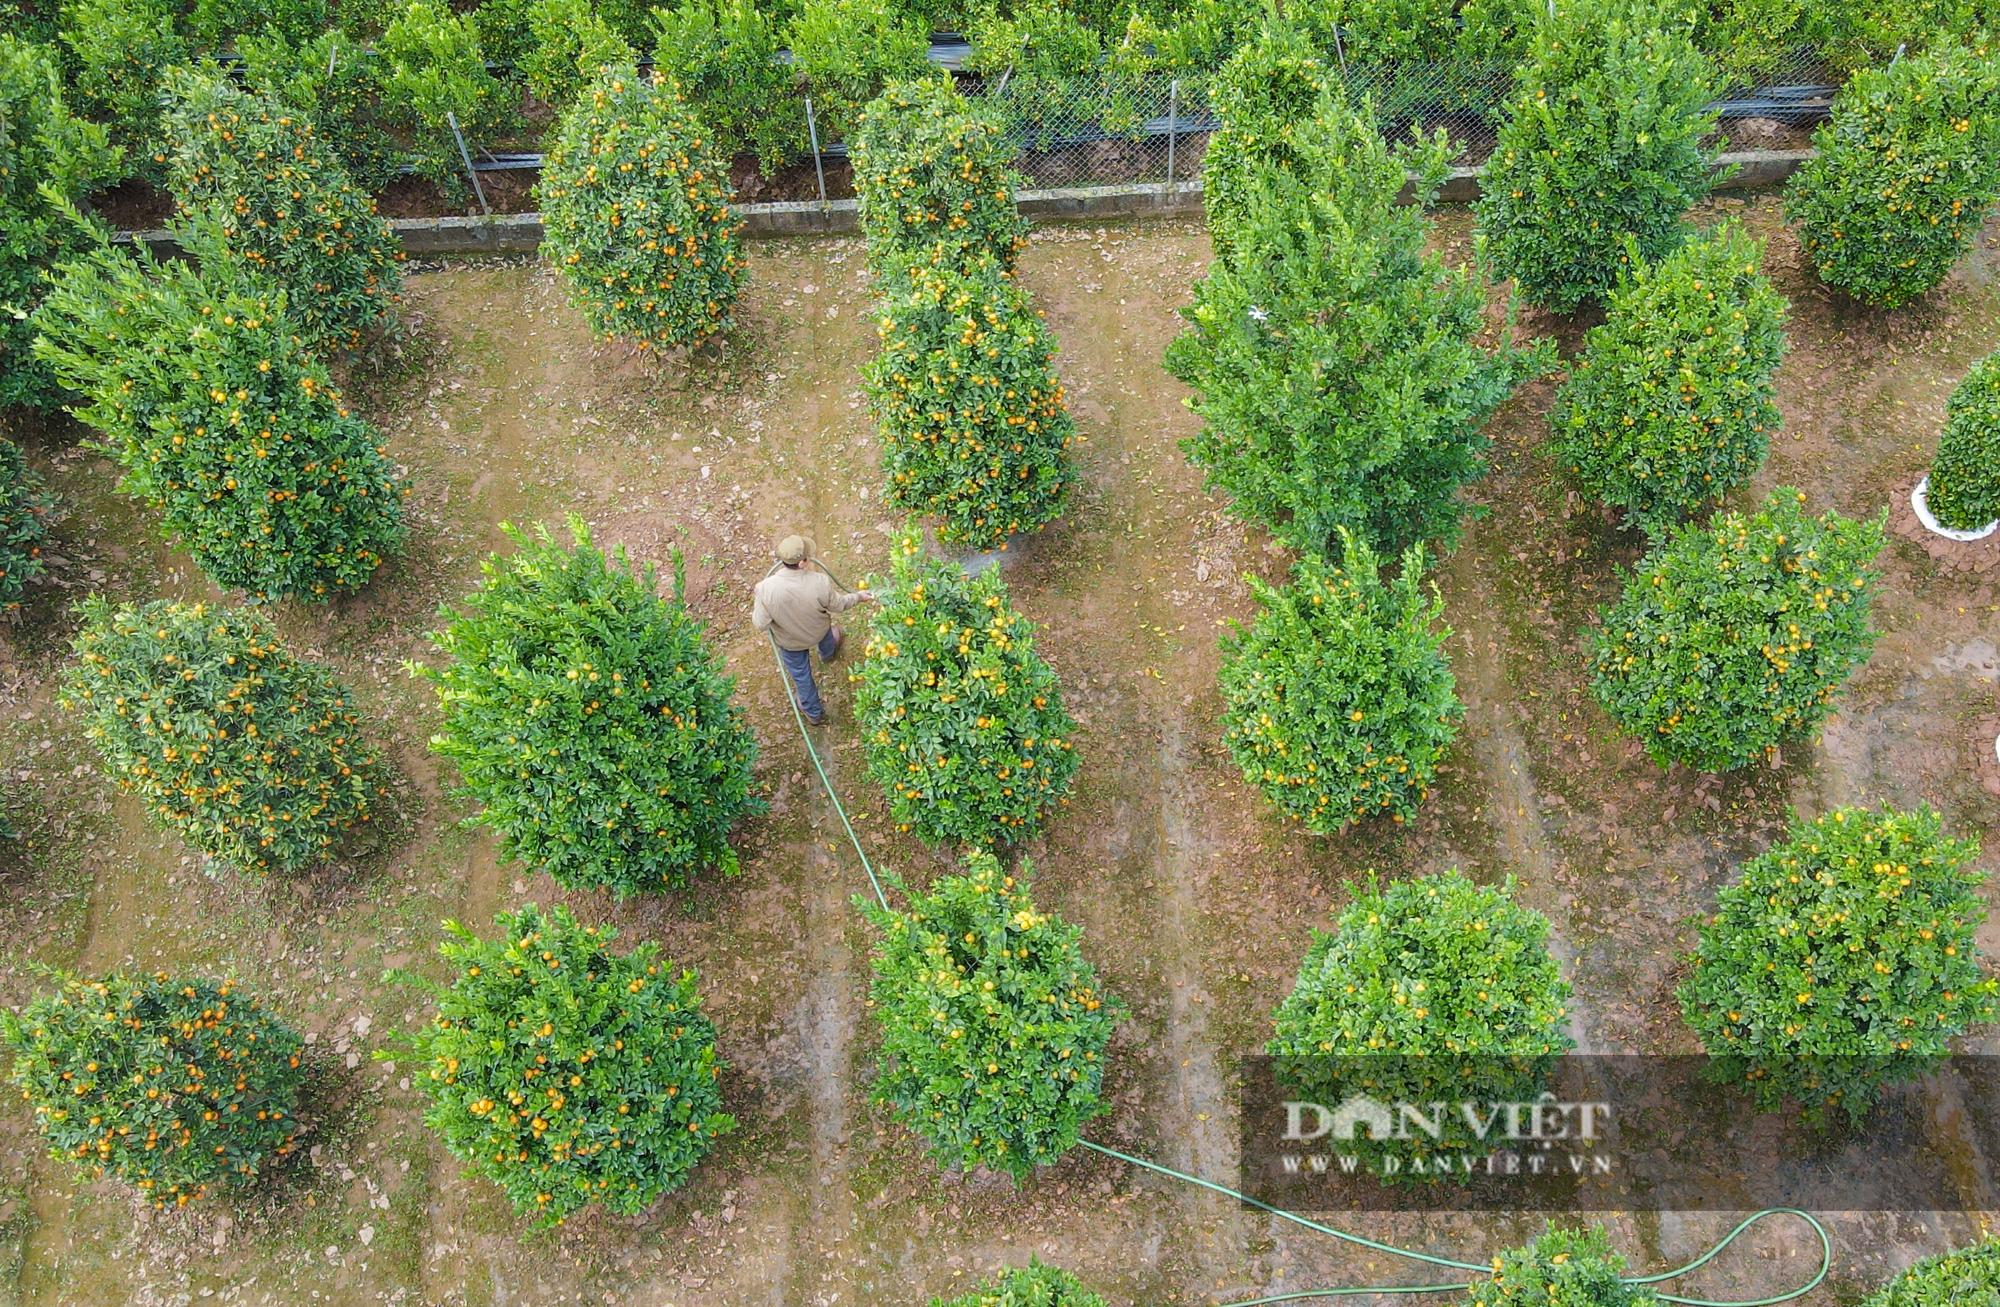 Quýt cảnh giảm giá sâu người trồng ngậm ngùi chịu lỗ - Ảnh 4.